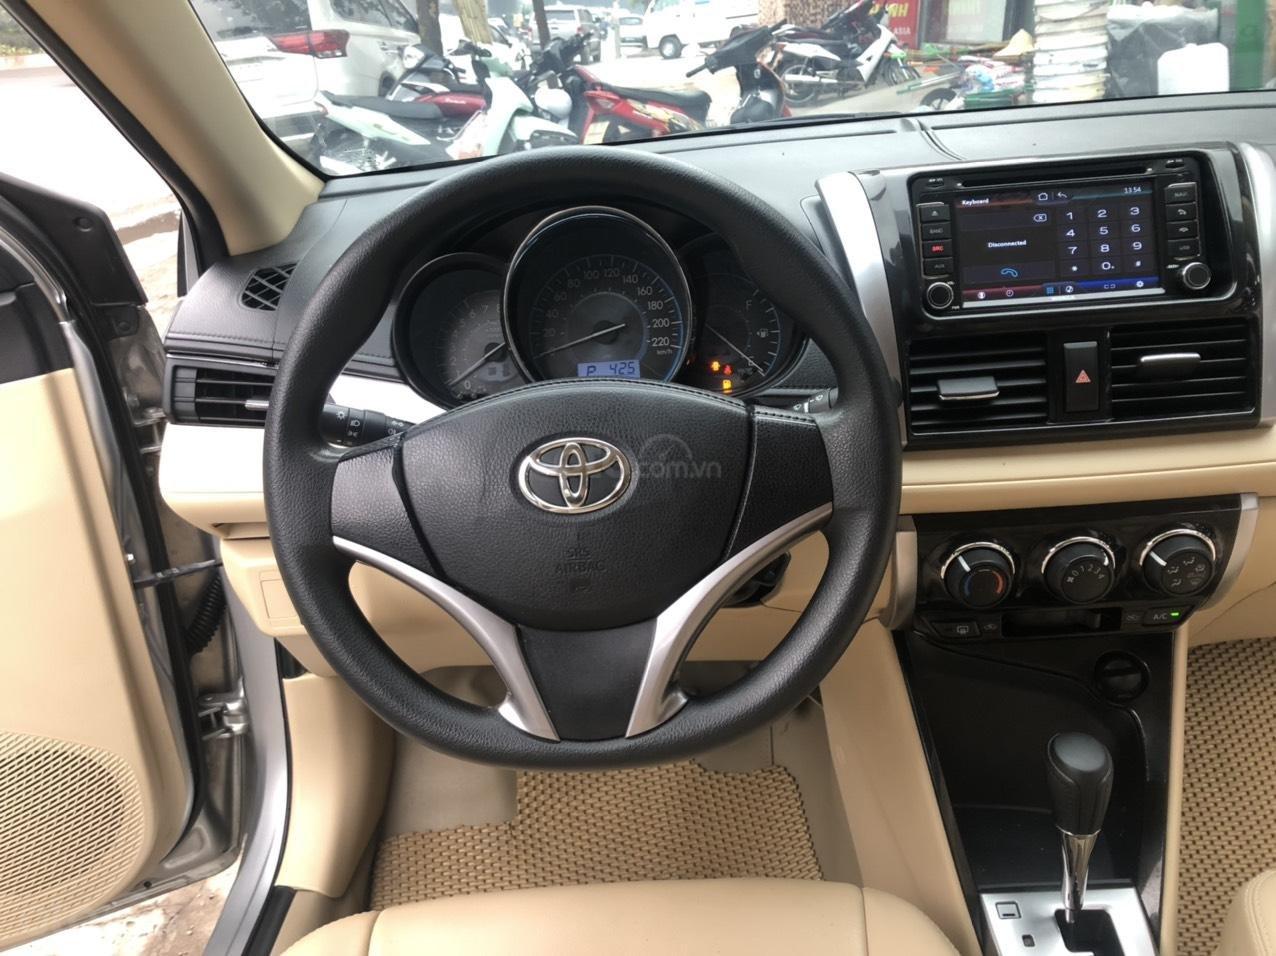 Bán nhanh Toyota Vios E AT đời 2018 màu bạc, xe chất biển TP, xe đẹp, nguyên zin không kinh doanh, chạy hơn 30000km (6)